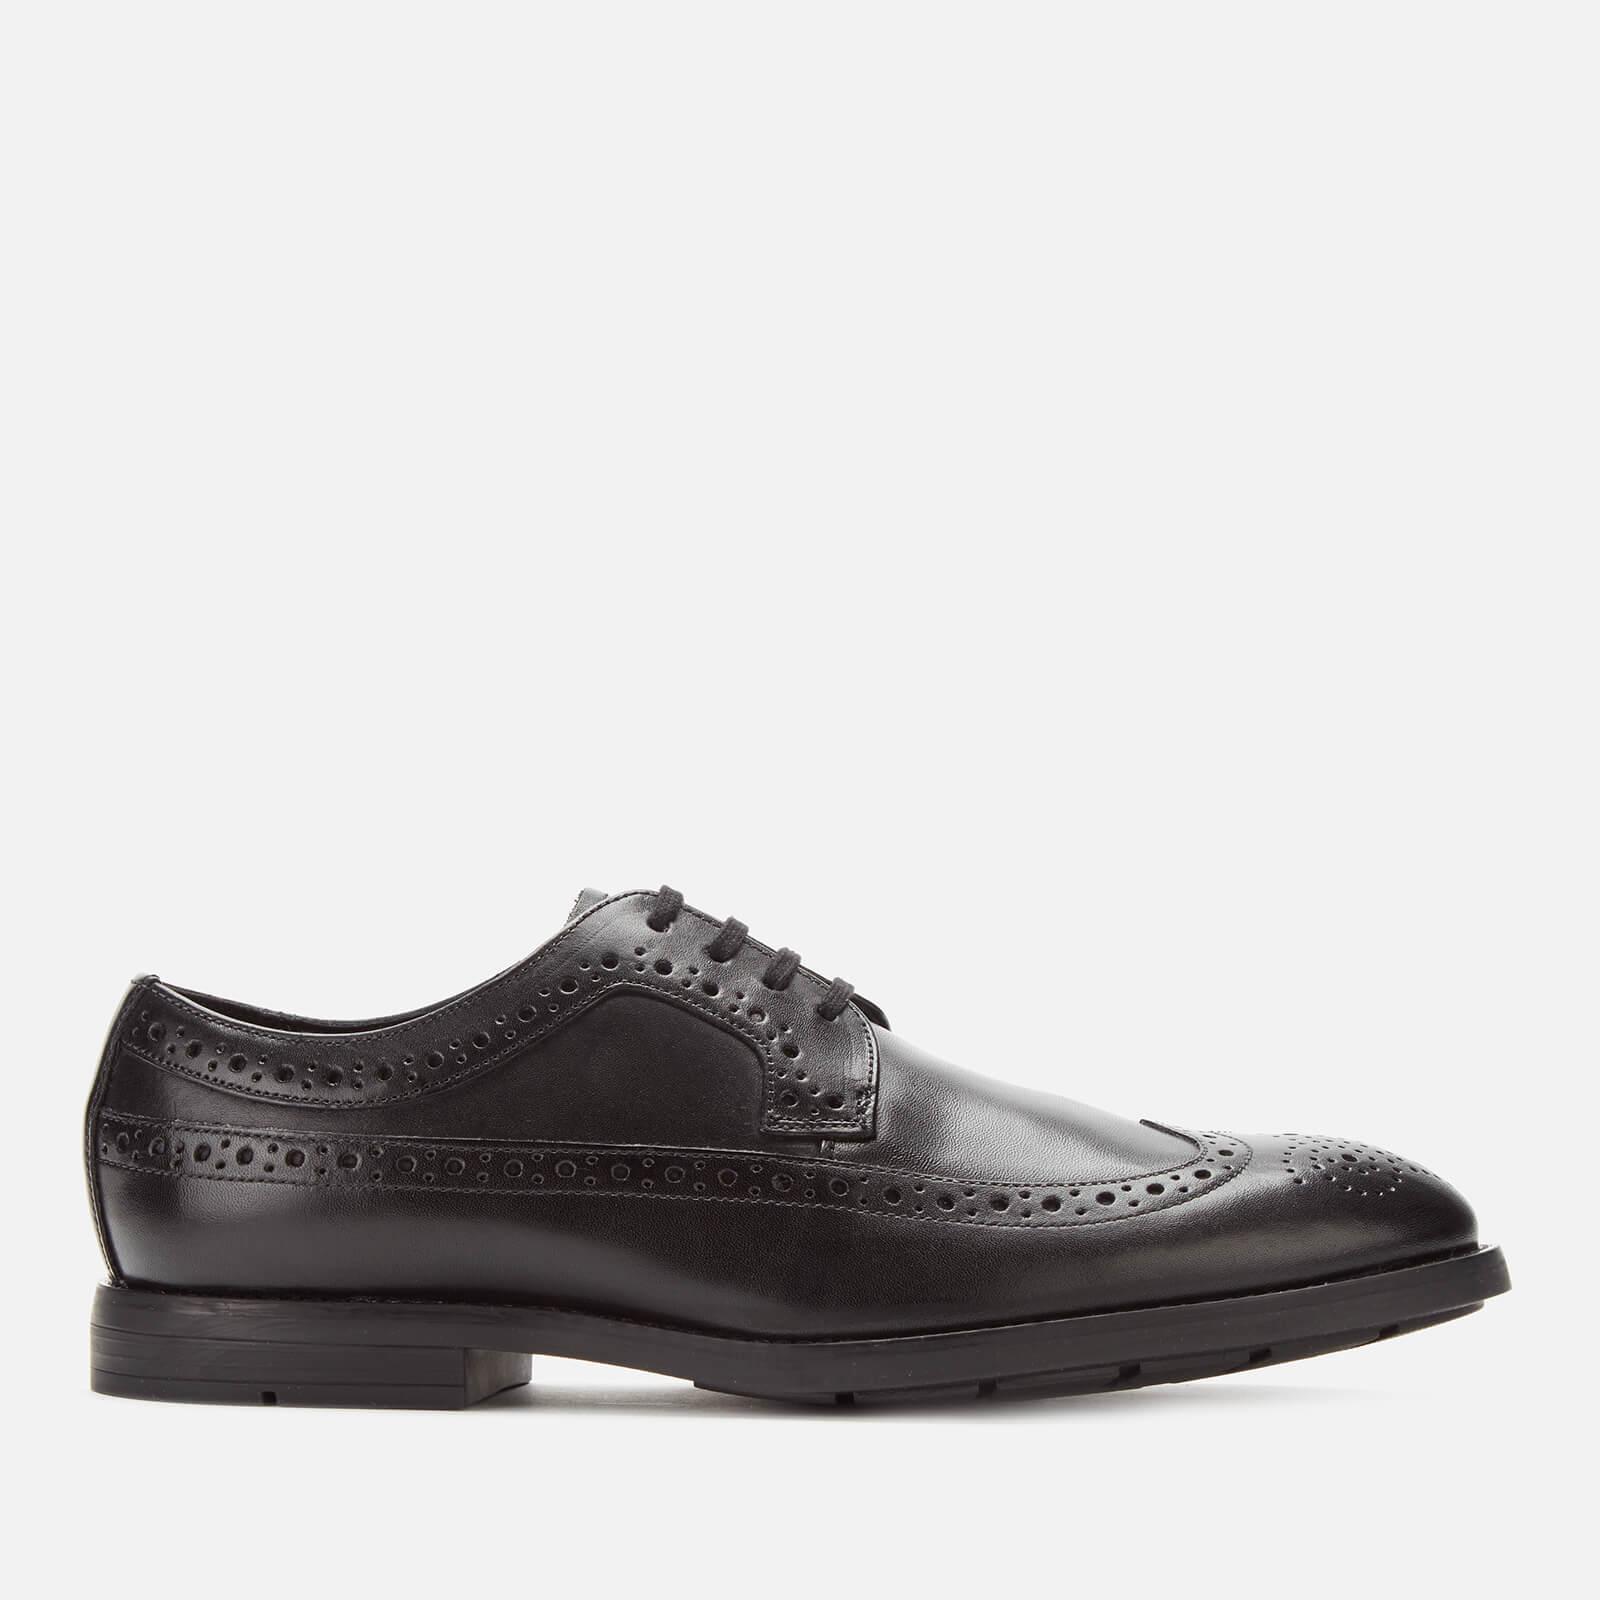 Clarks Men's Ronnie Limit Leather Derby Shoes - Black - UK 8